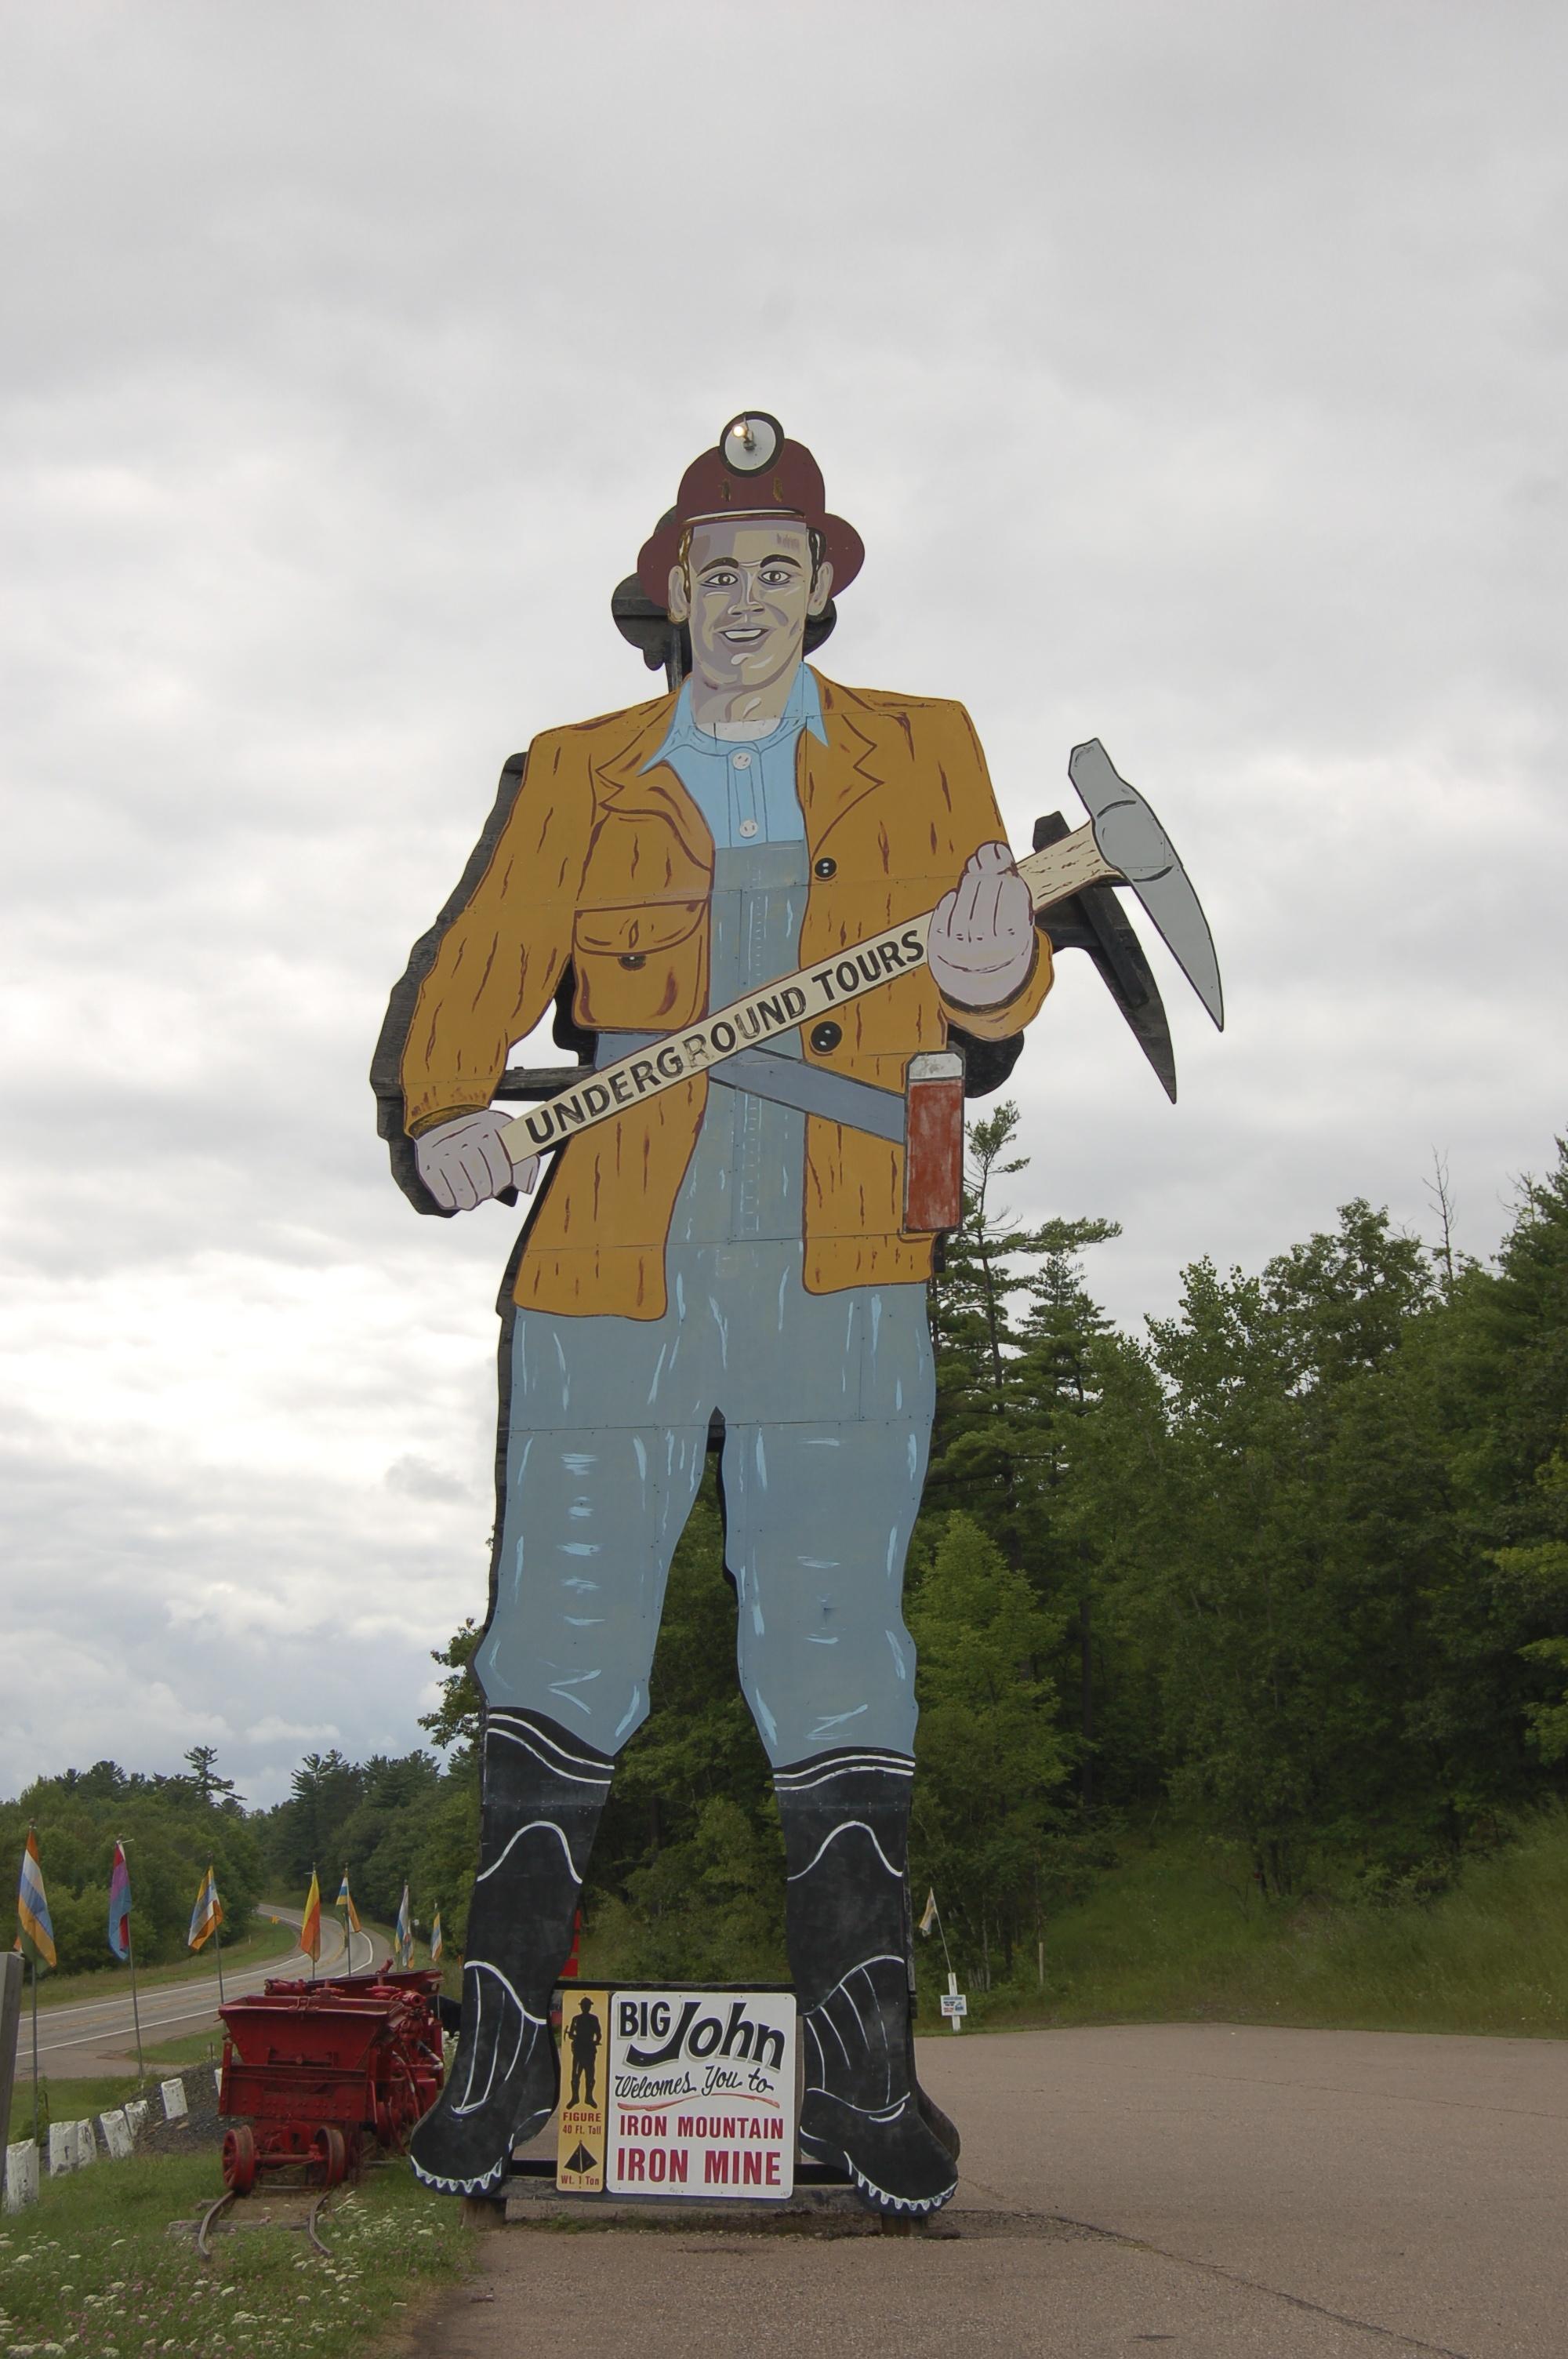 big john miner sign iron mountain iron mine